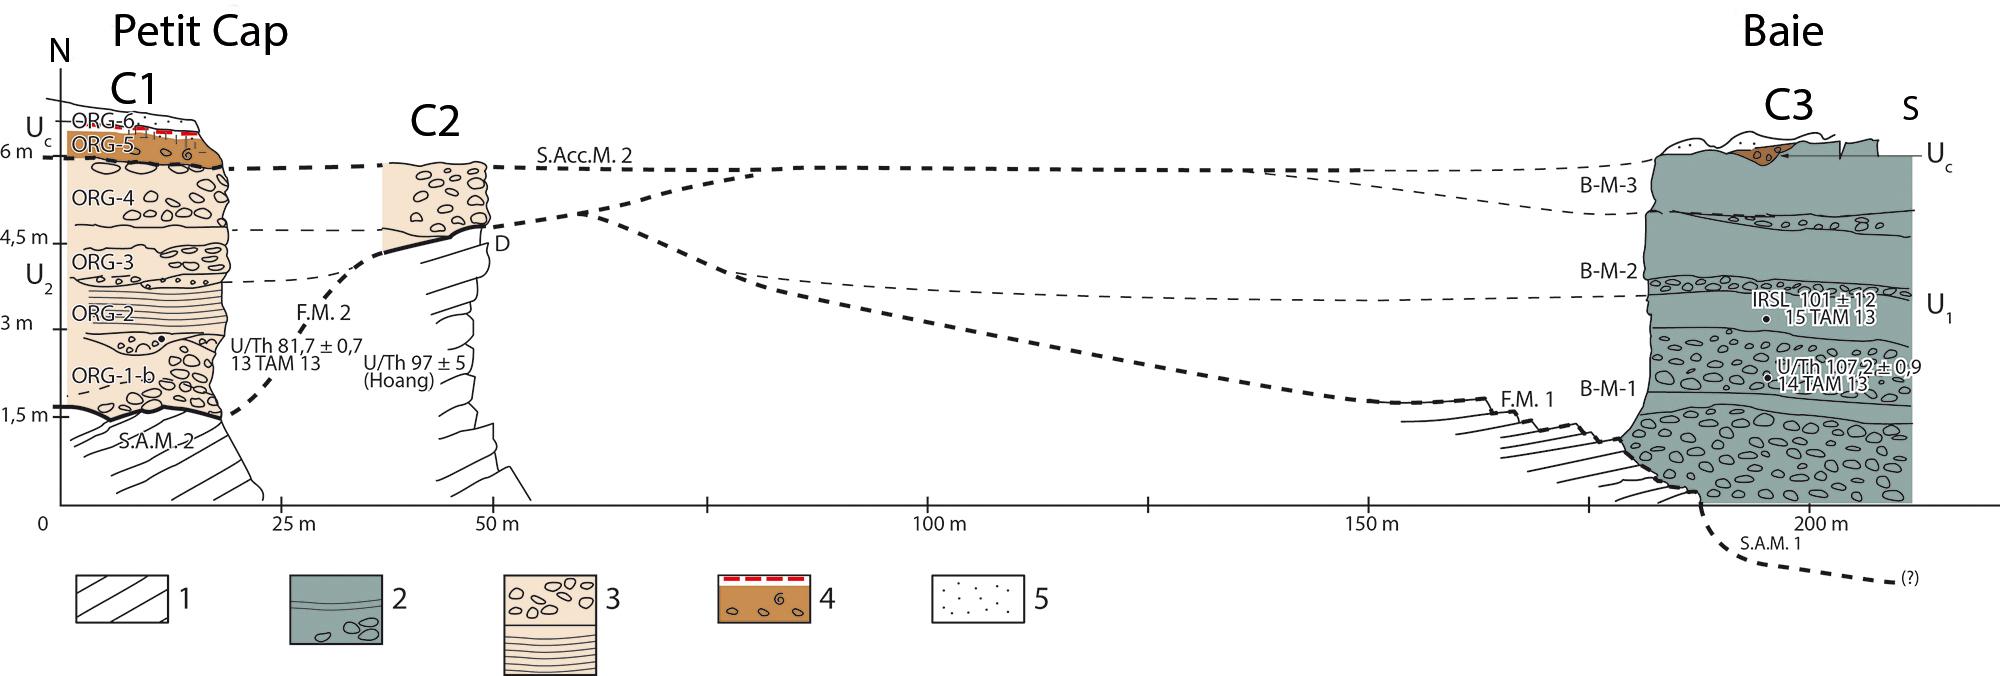 Définition de la datation stratigraphique